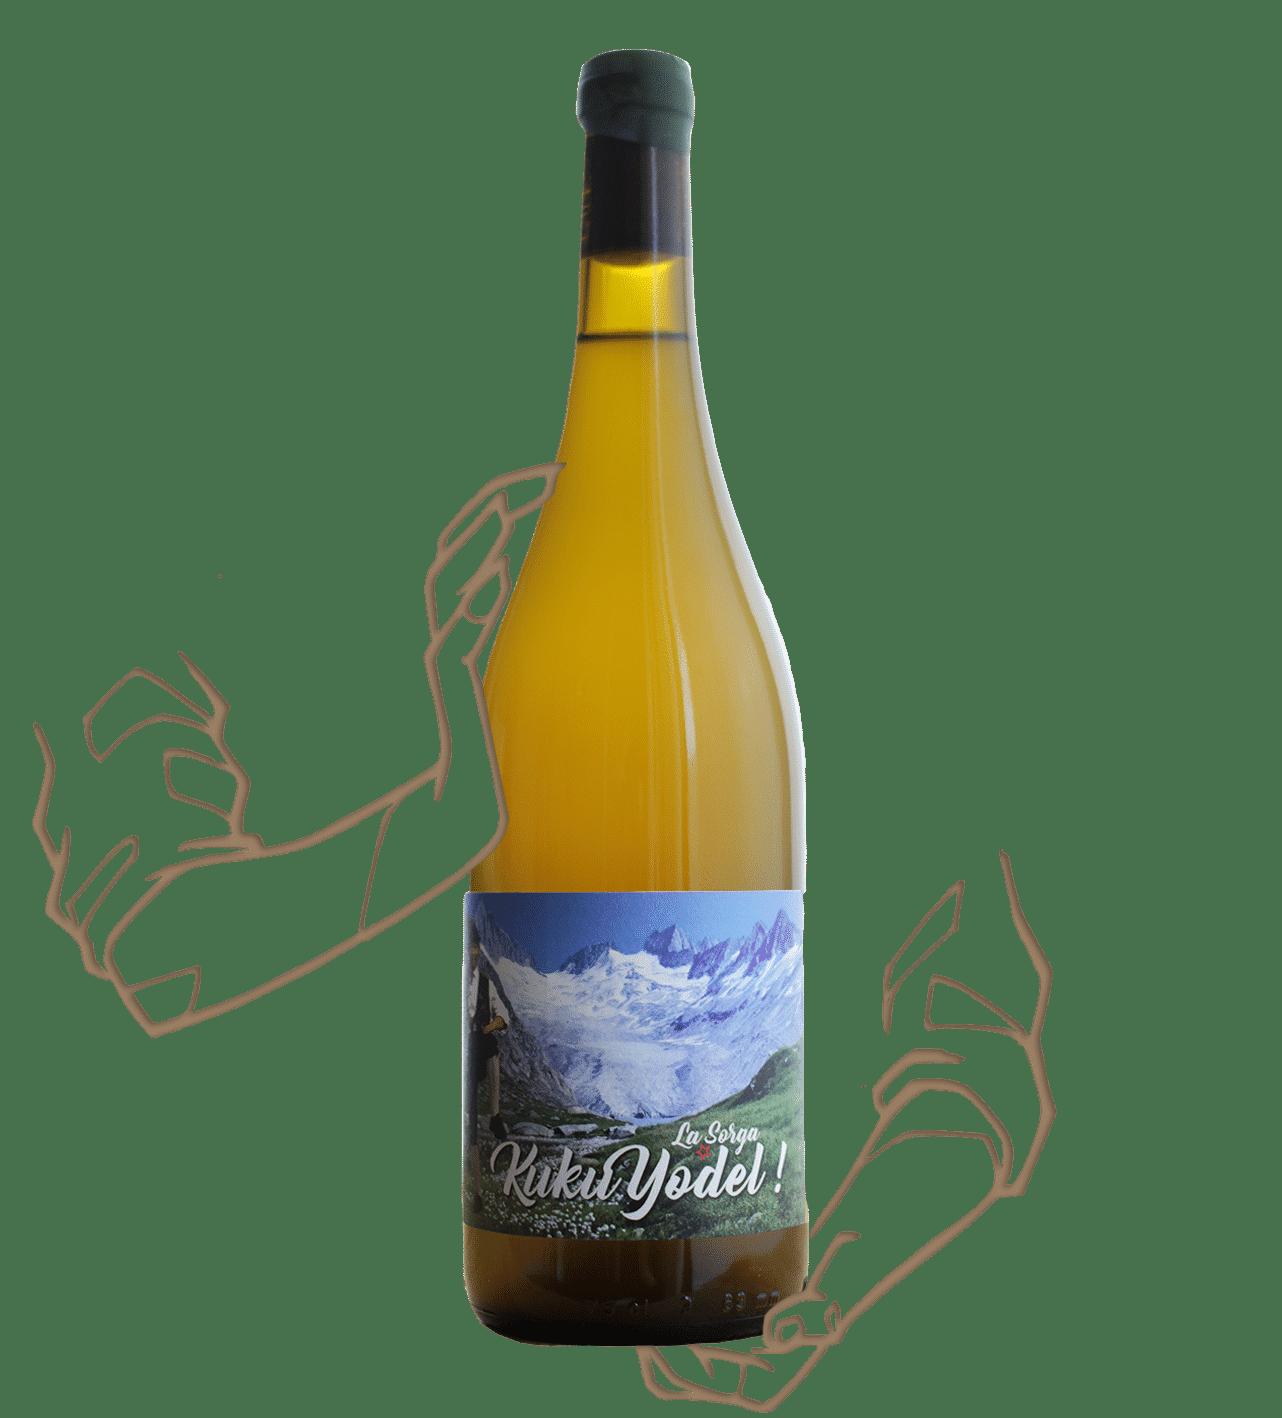 Kukuyodel - La sorga est un vin orange